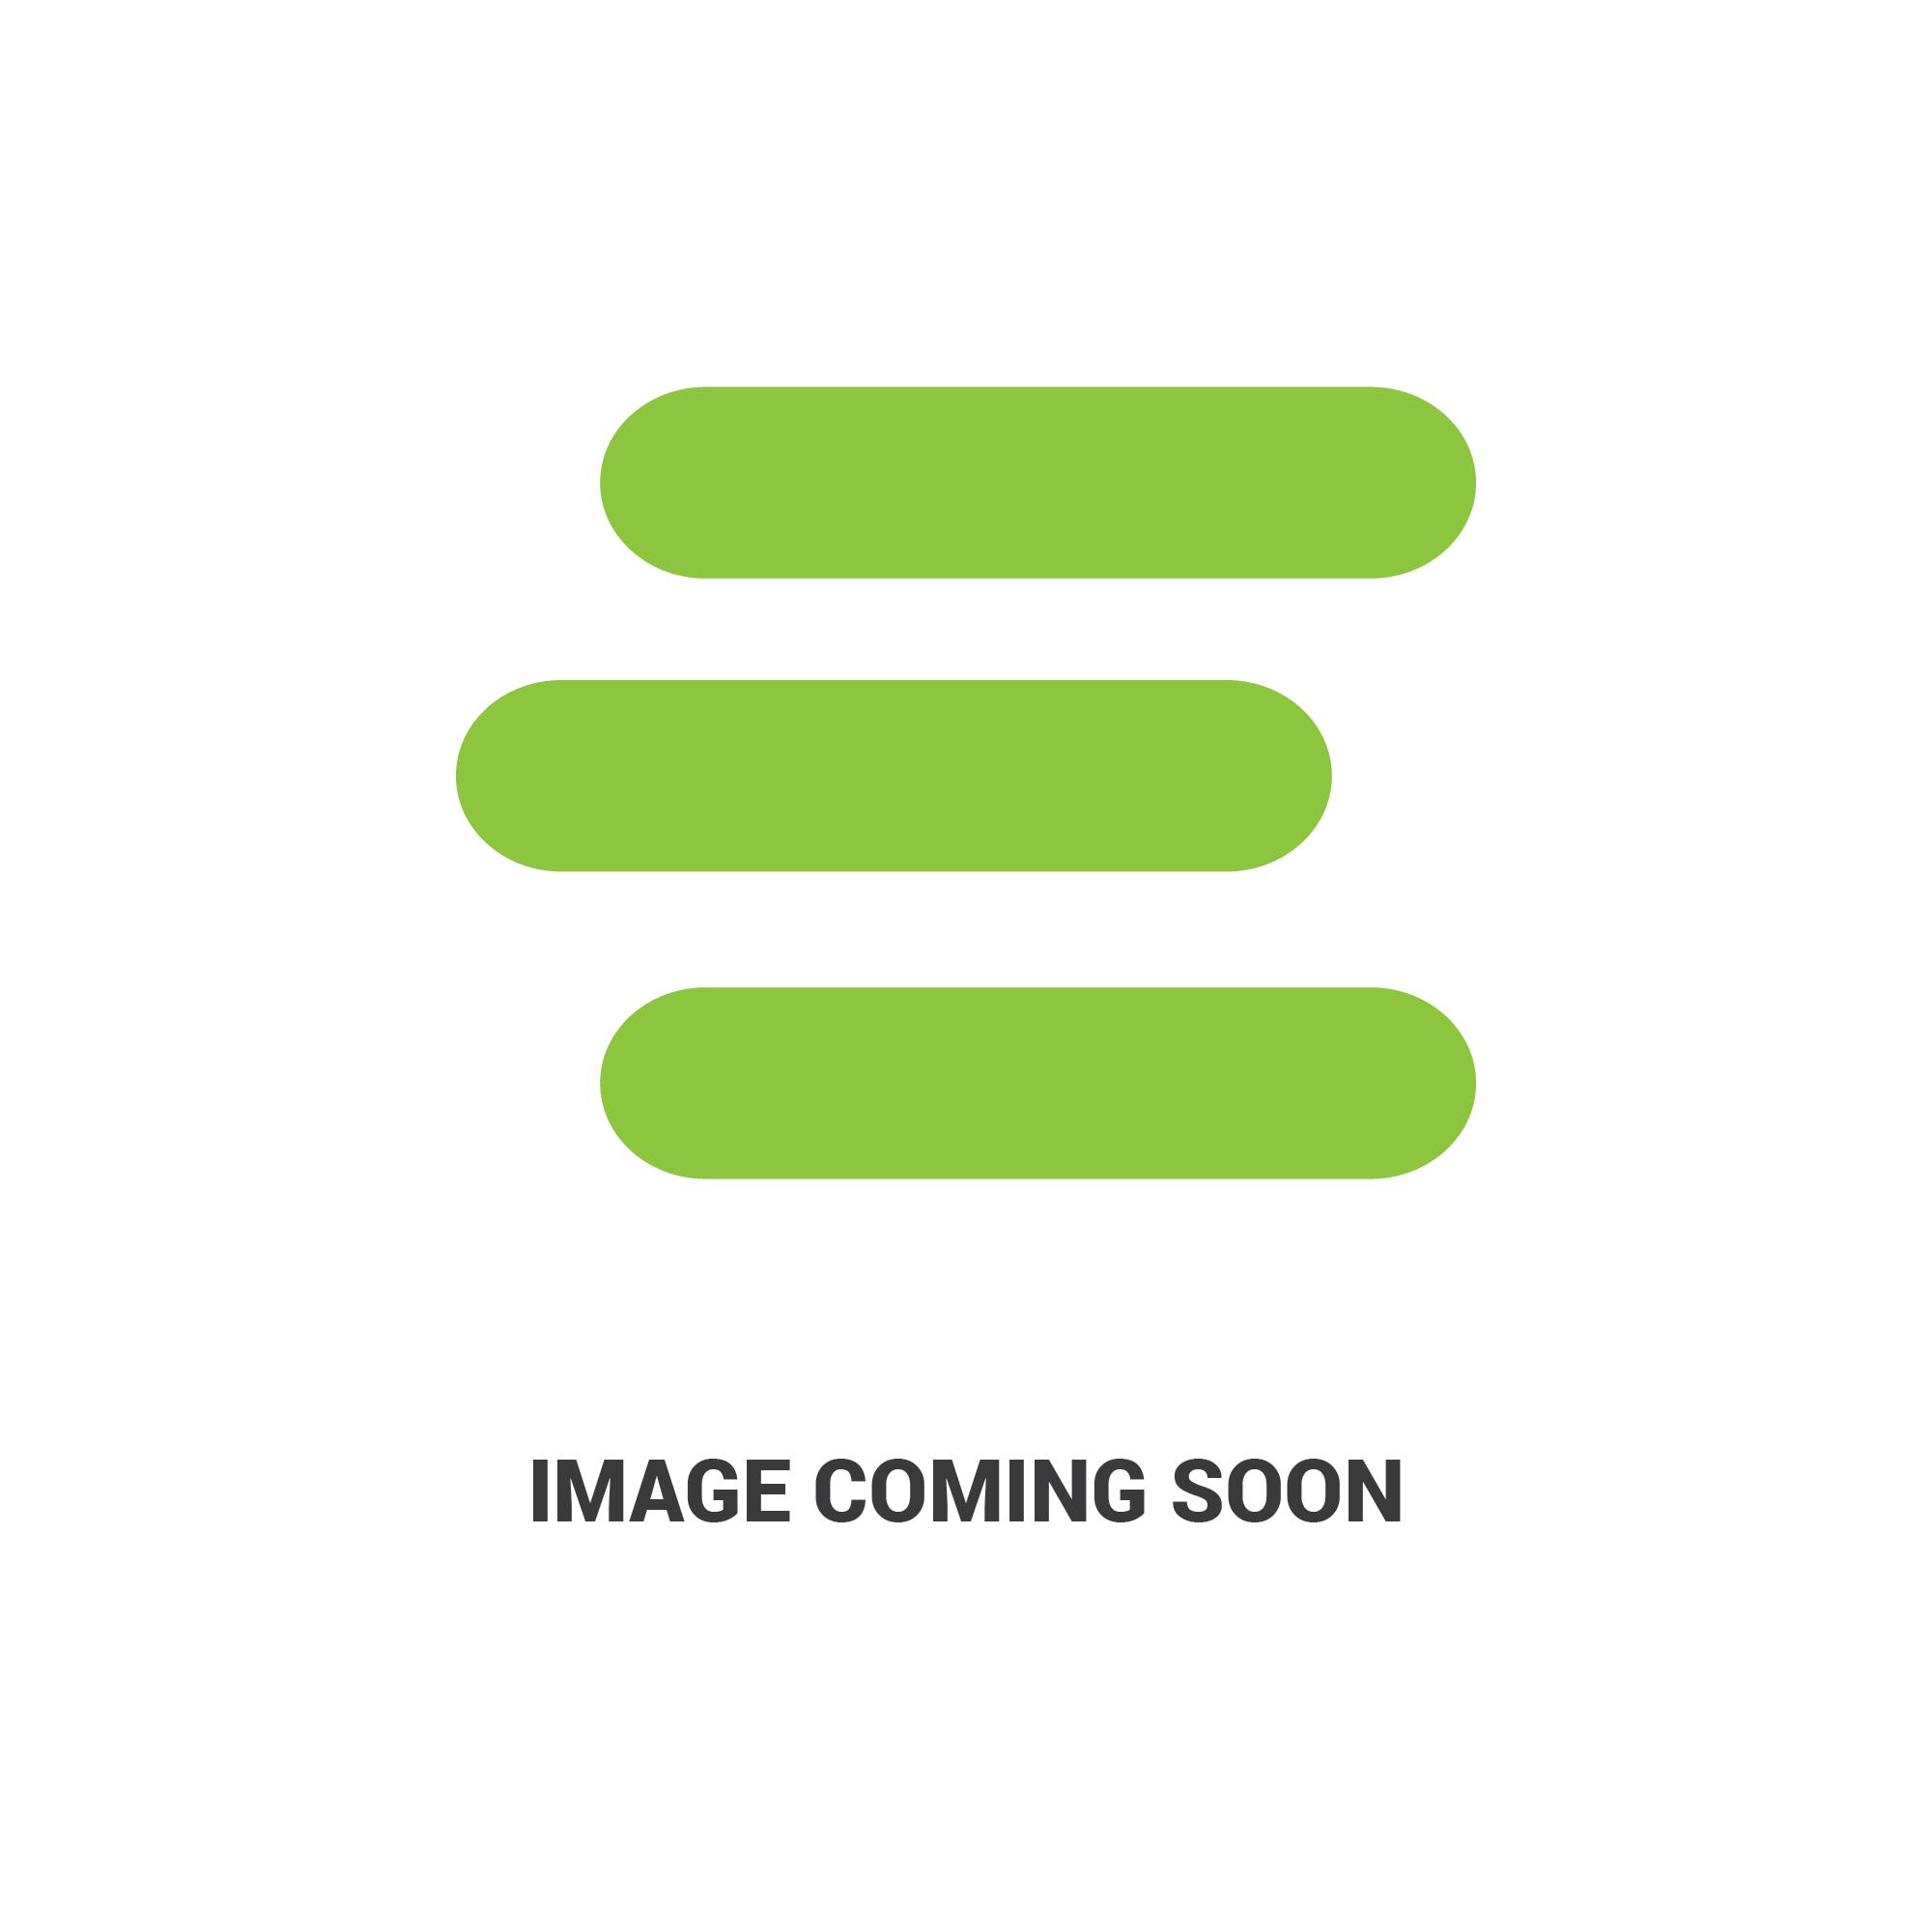 E-475177302593-1 copy.jpg